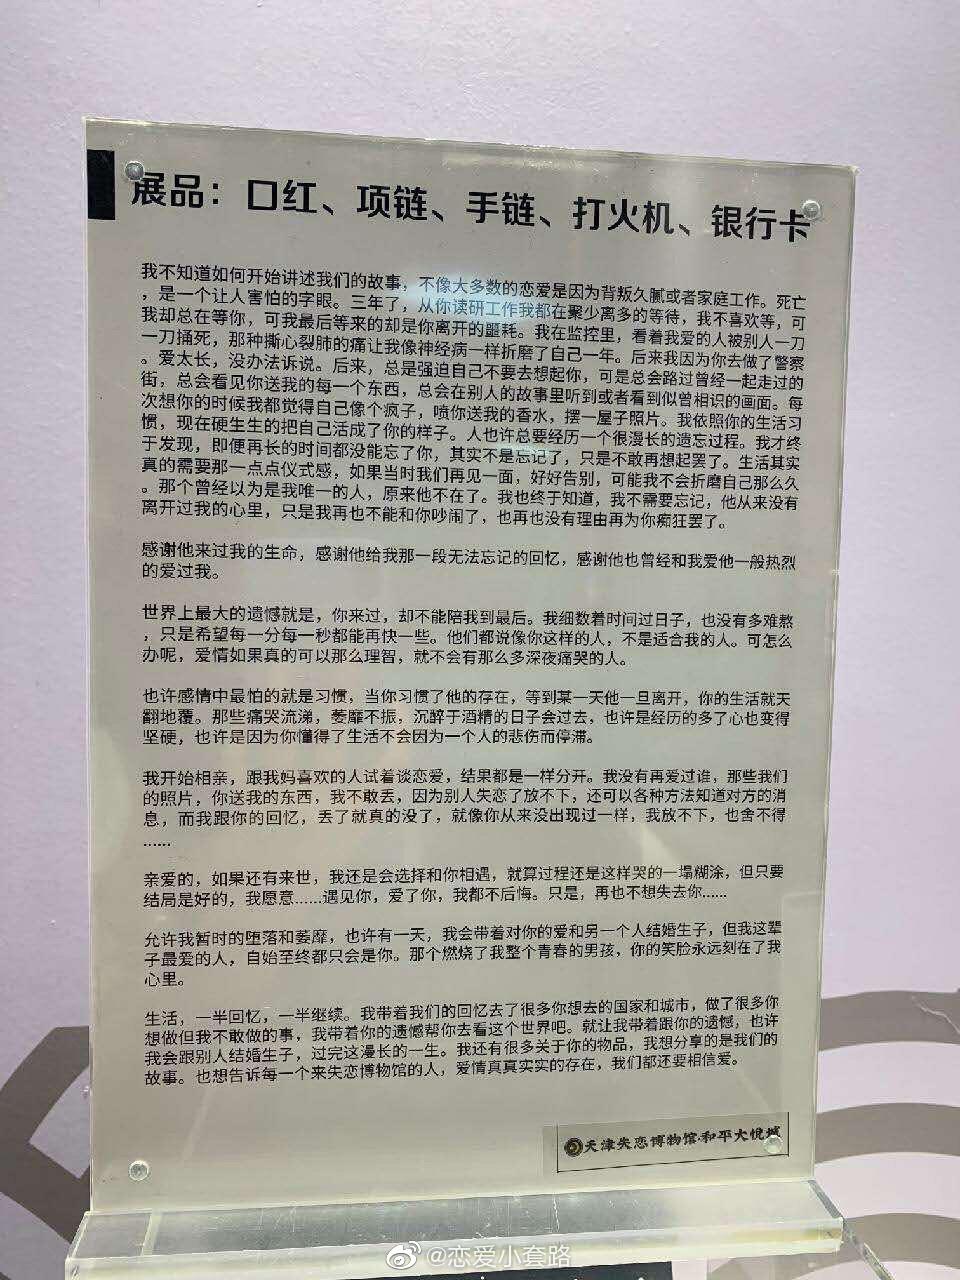 我在天津失恋博物馆看到的,看着好扎心